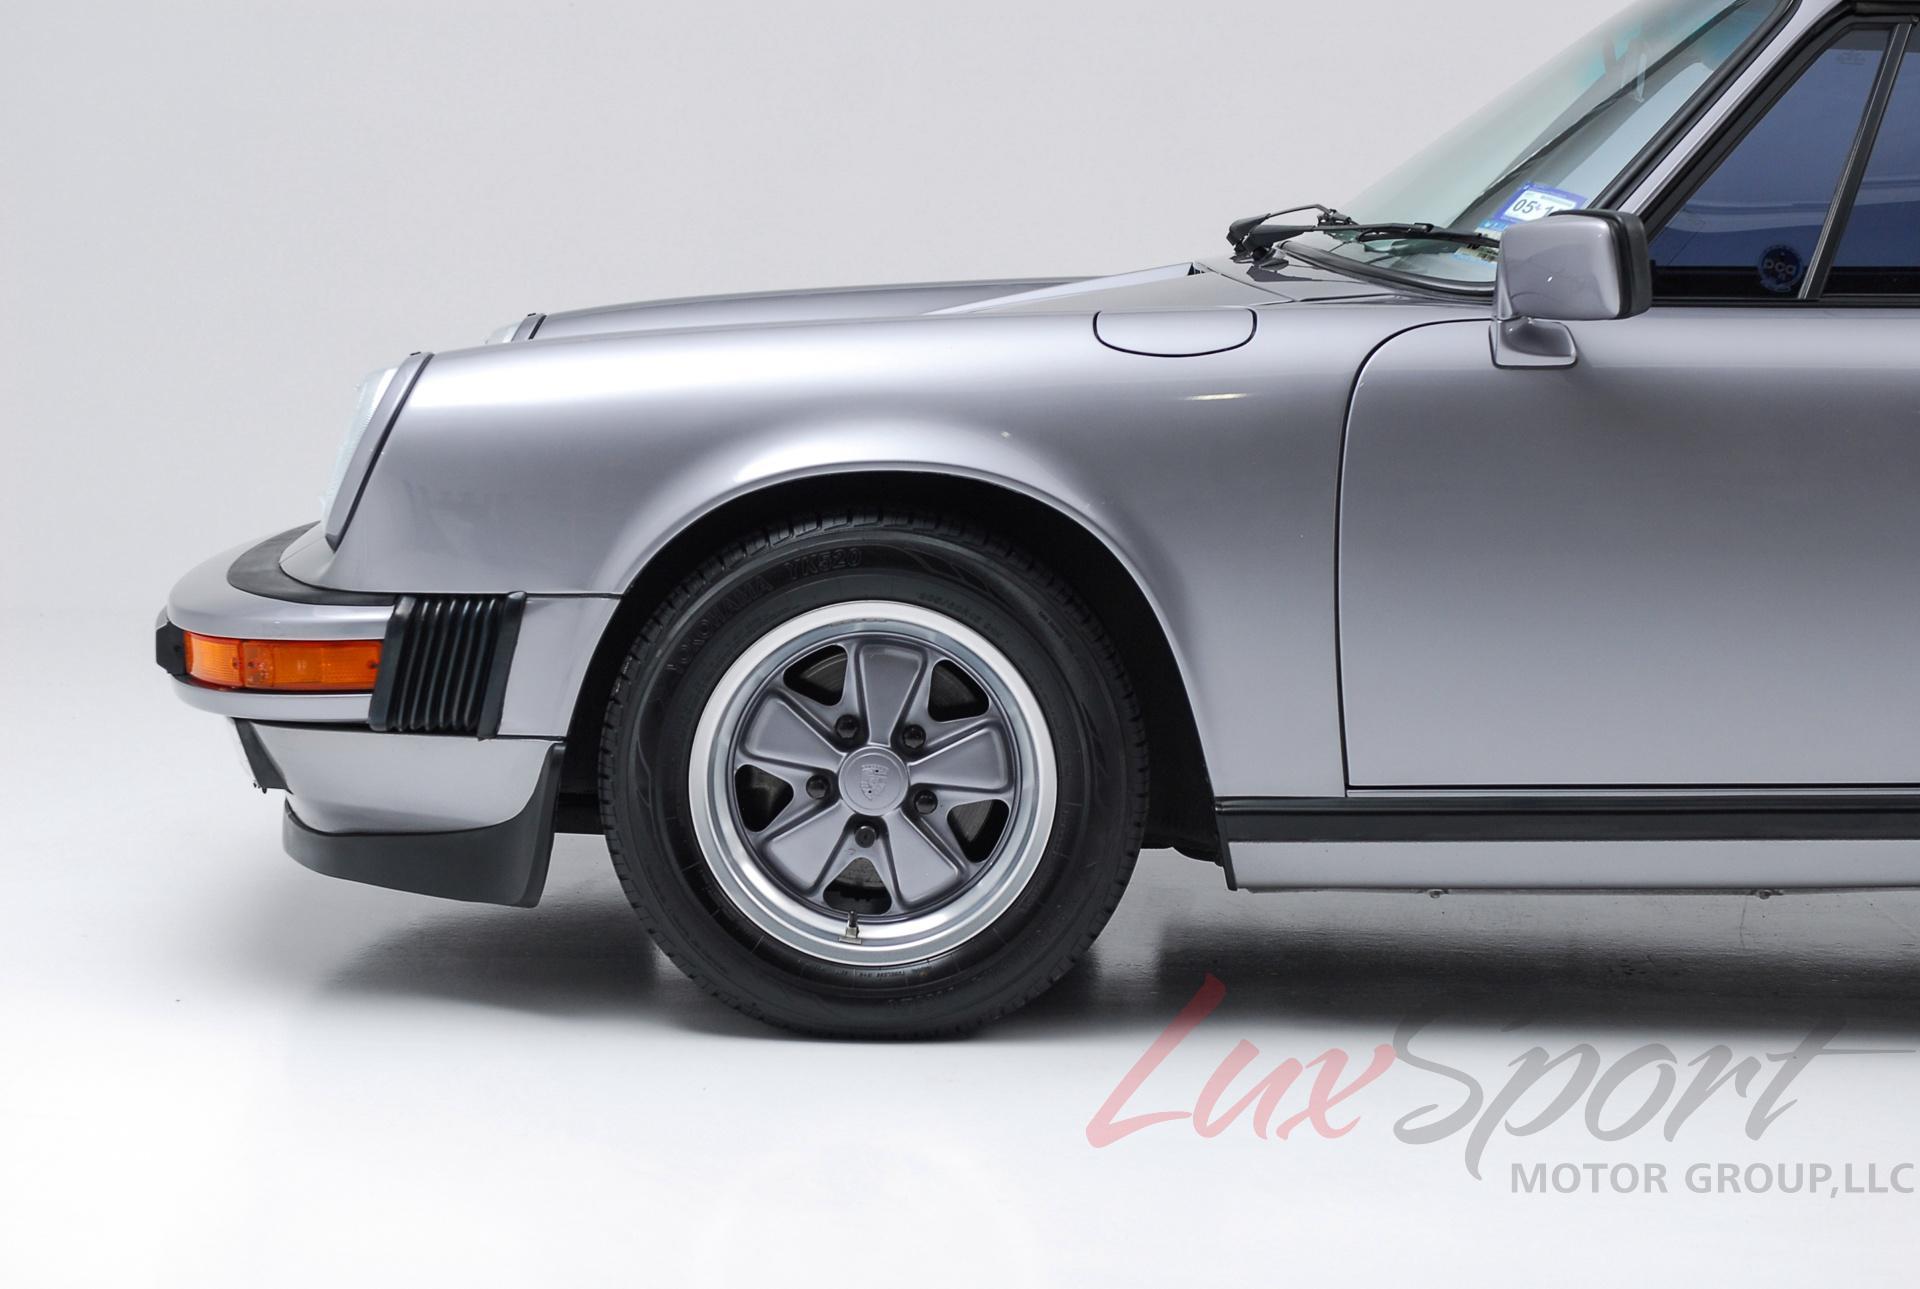 Porsche carrera anniversary edition stock